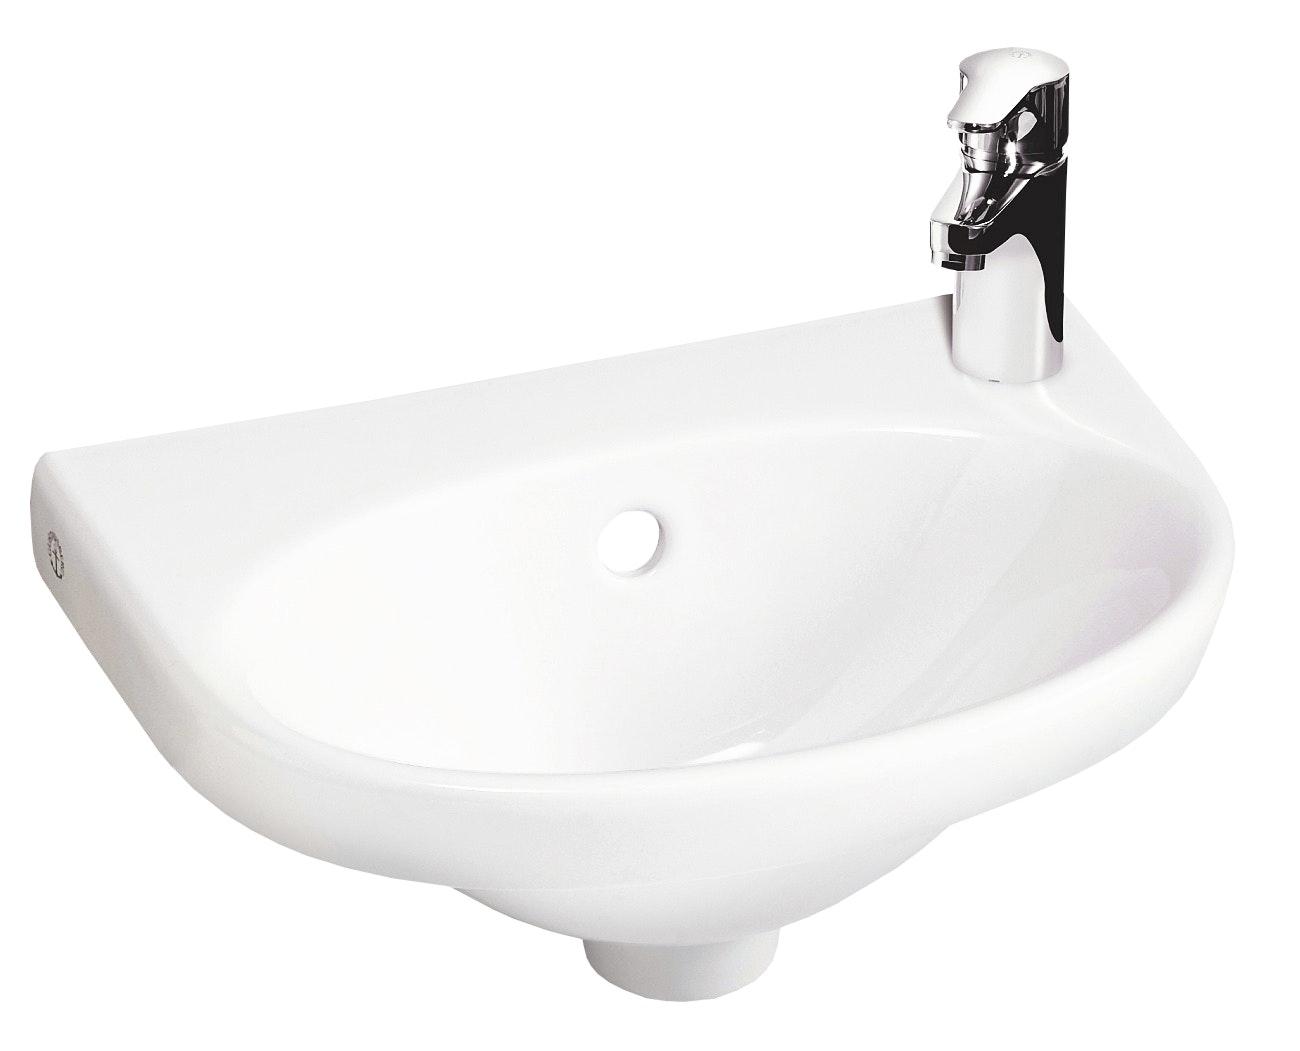 Tvättställ Gustavsberg 5540 Nautic Vit